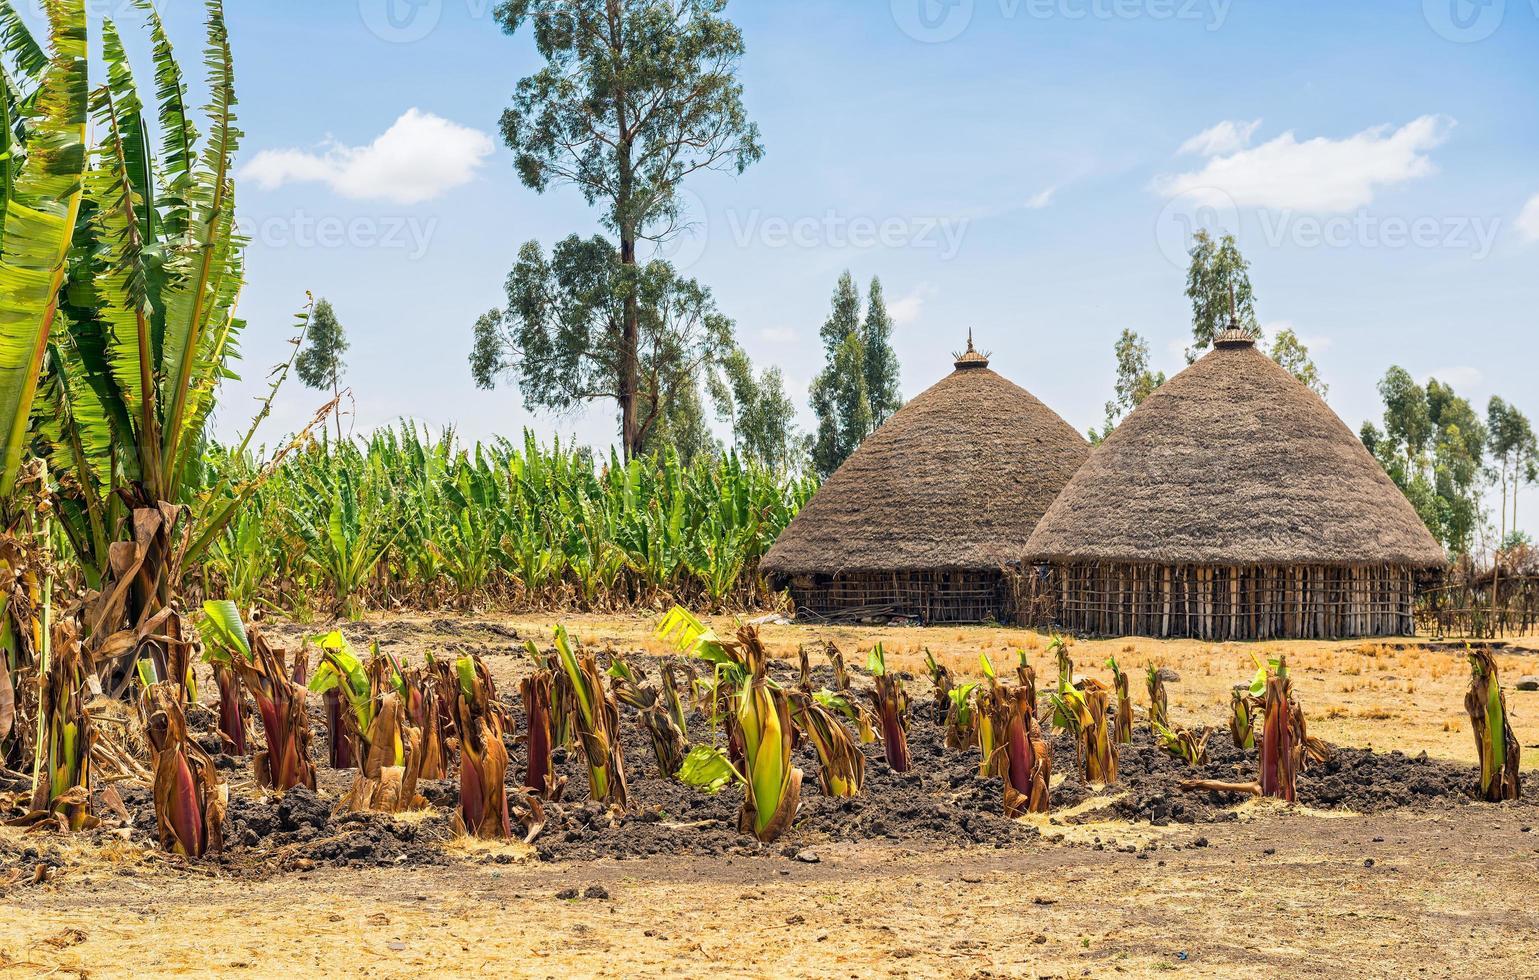 traditionele dorpshuizen in Ethiopië foto